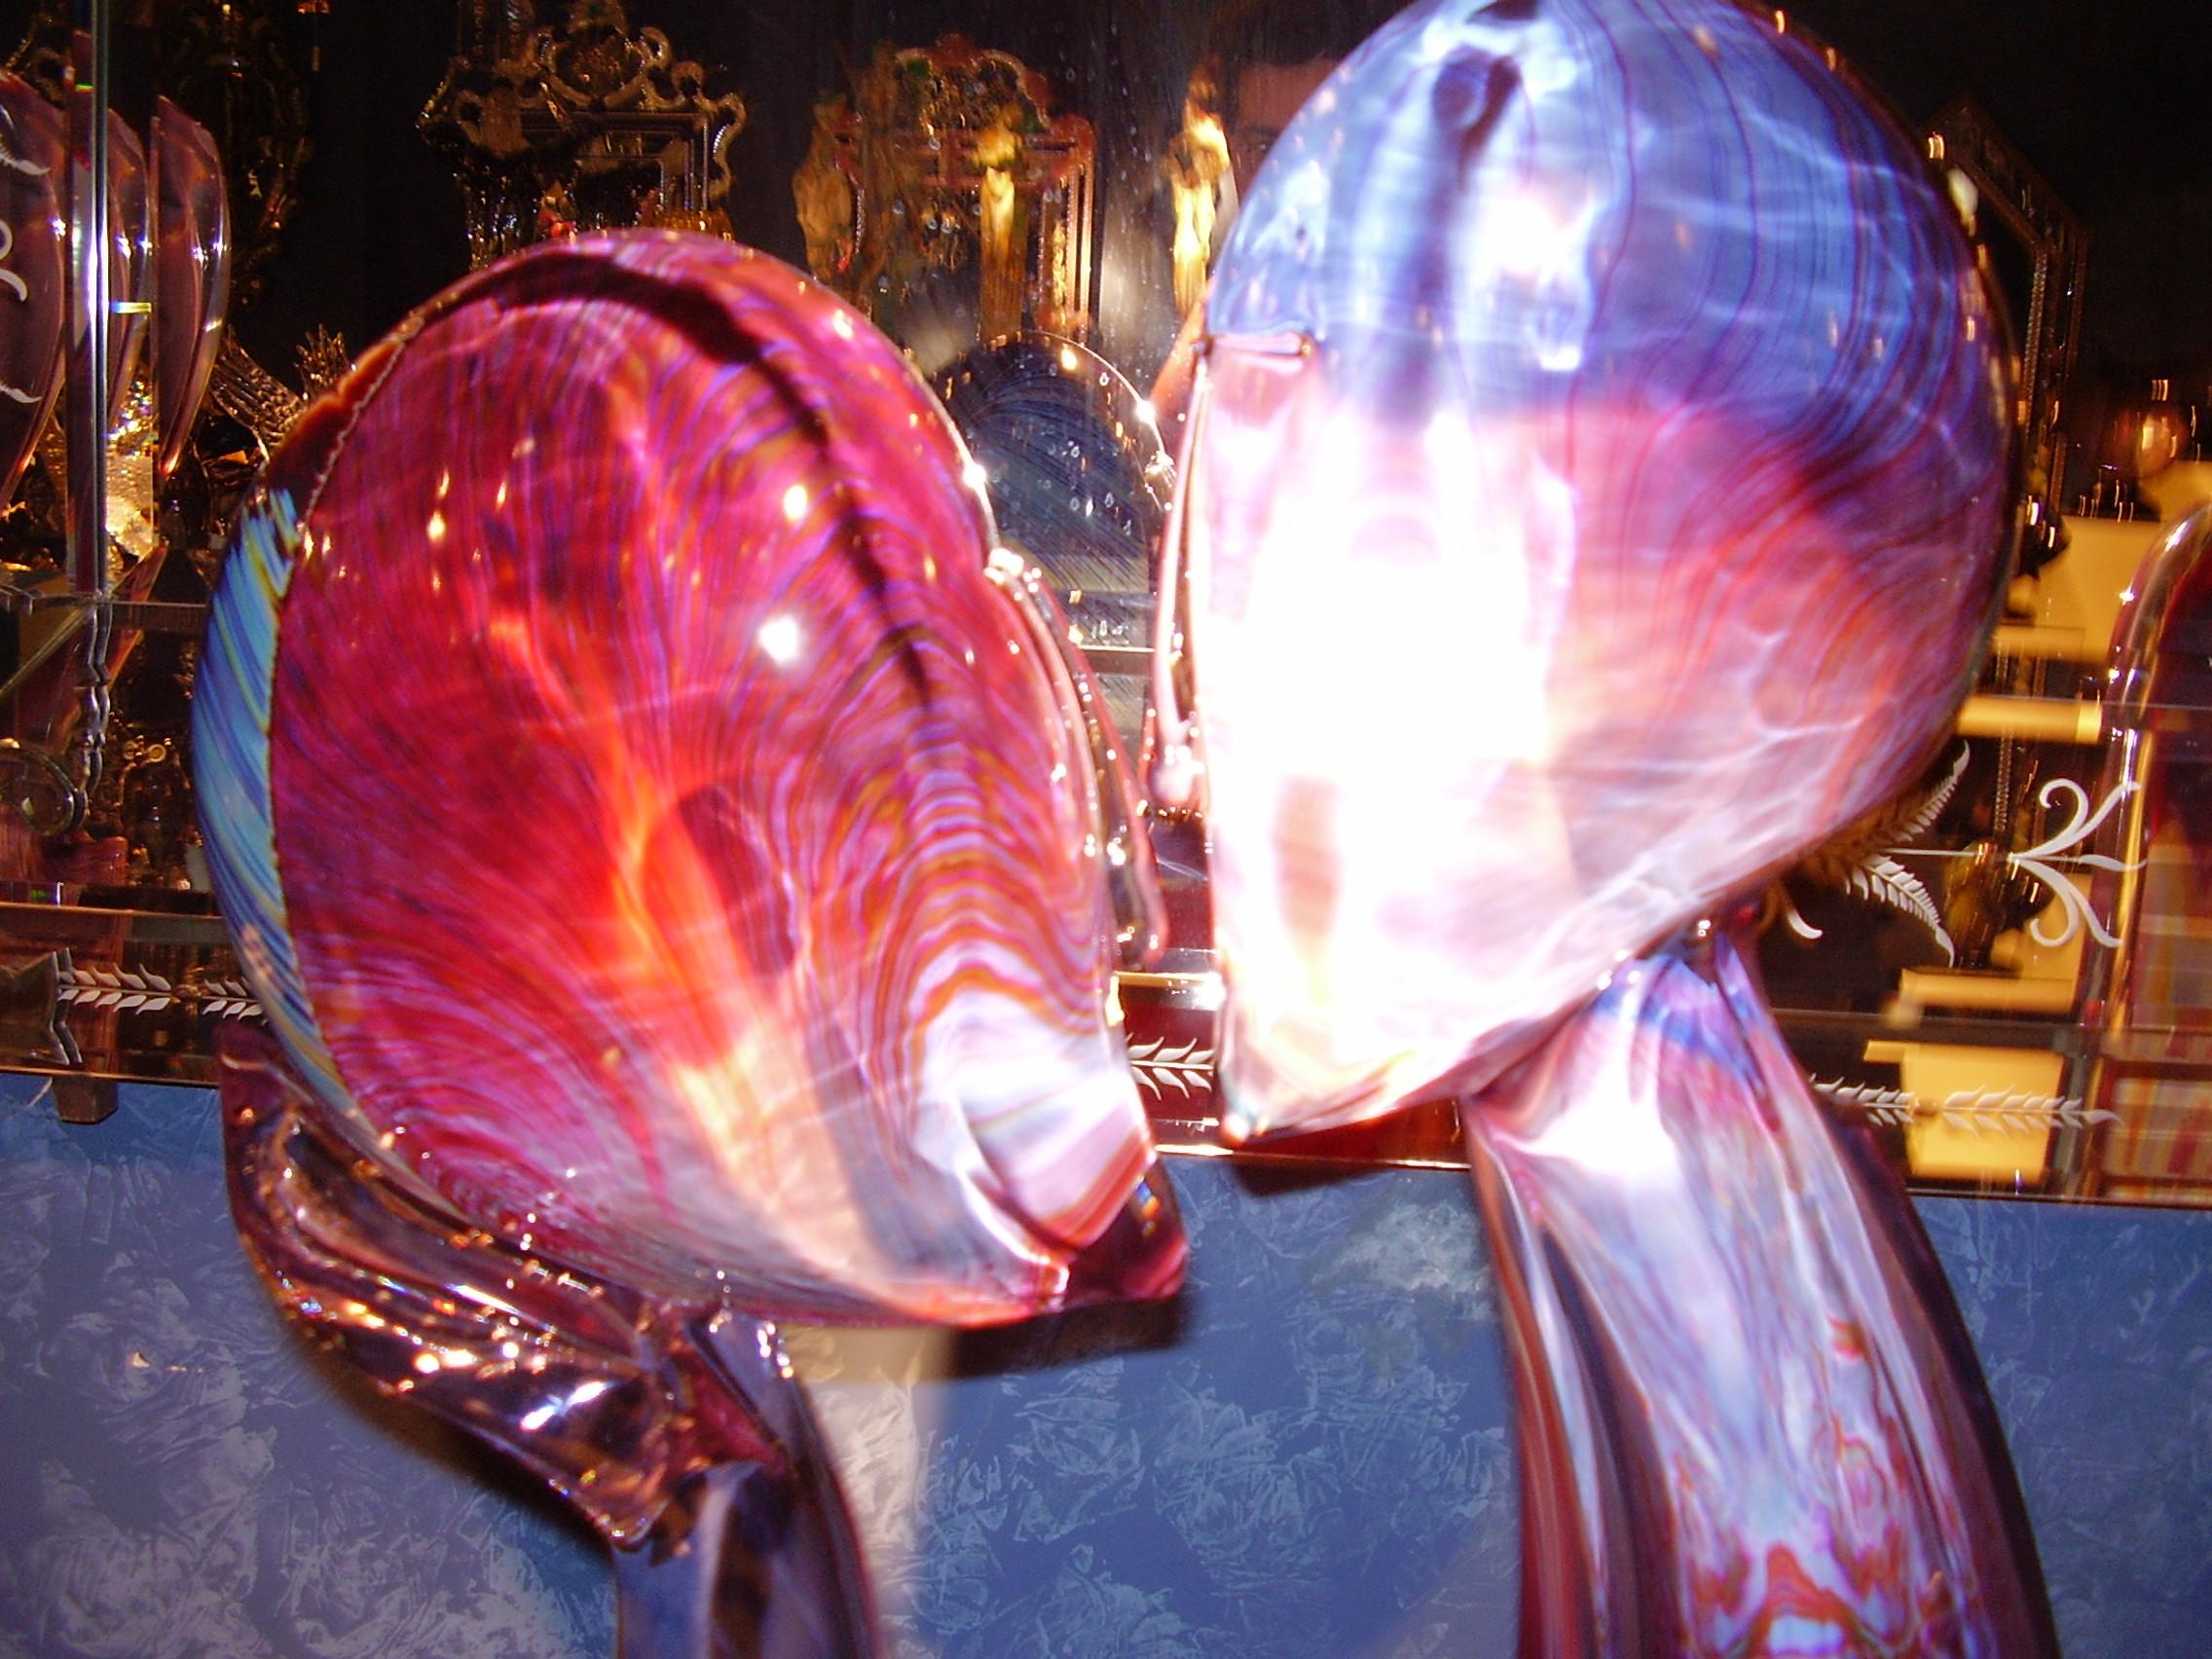 Sculpture en verre - Murano - Venise - Tour d'Italie